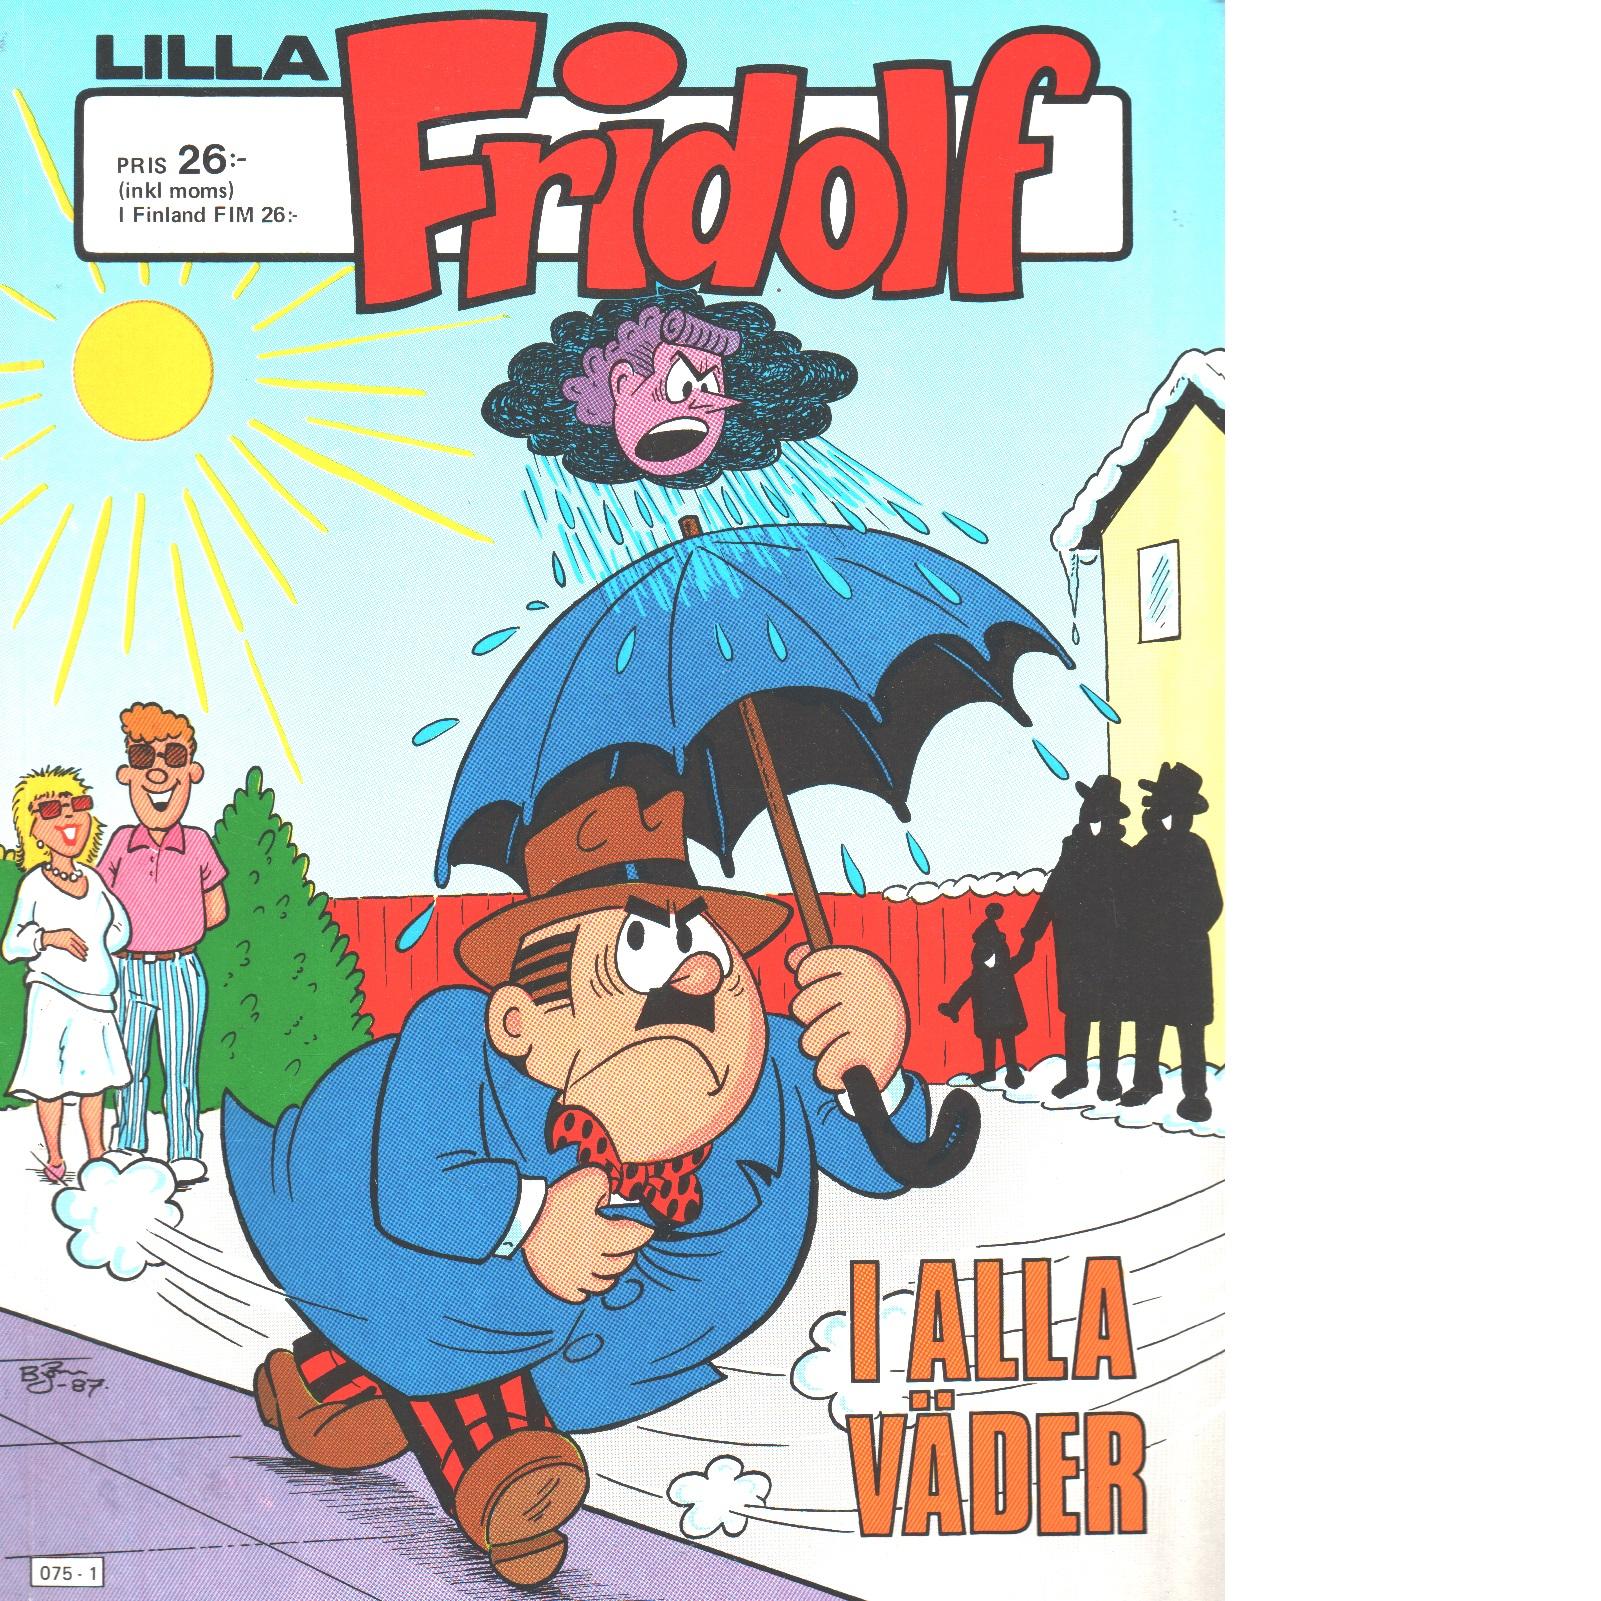 Lilla Fridolf - Moberg, Rune, Bergendorff, Leif och Bjarre, Torsten samt Blomberg, Elmar